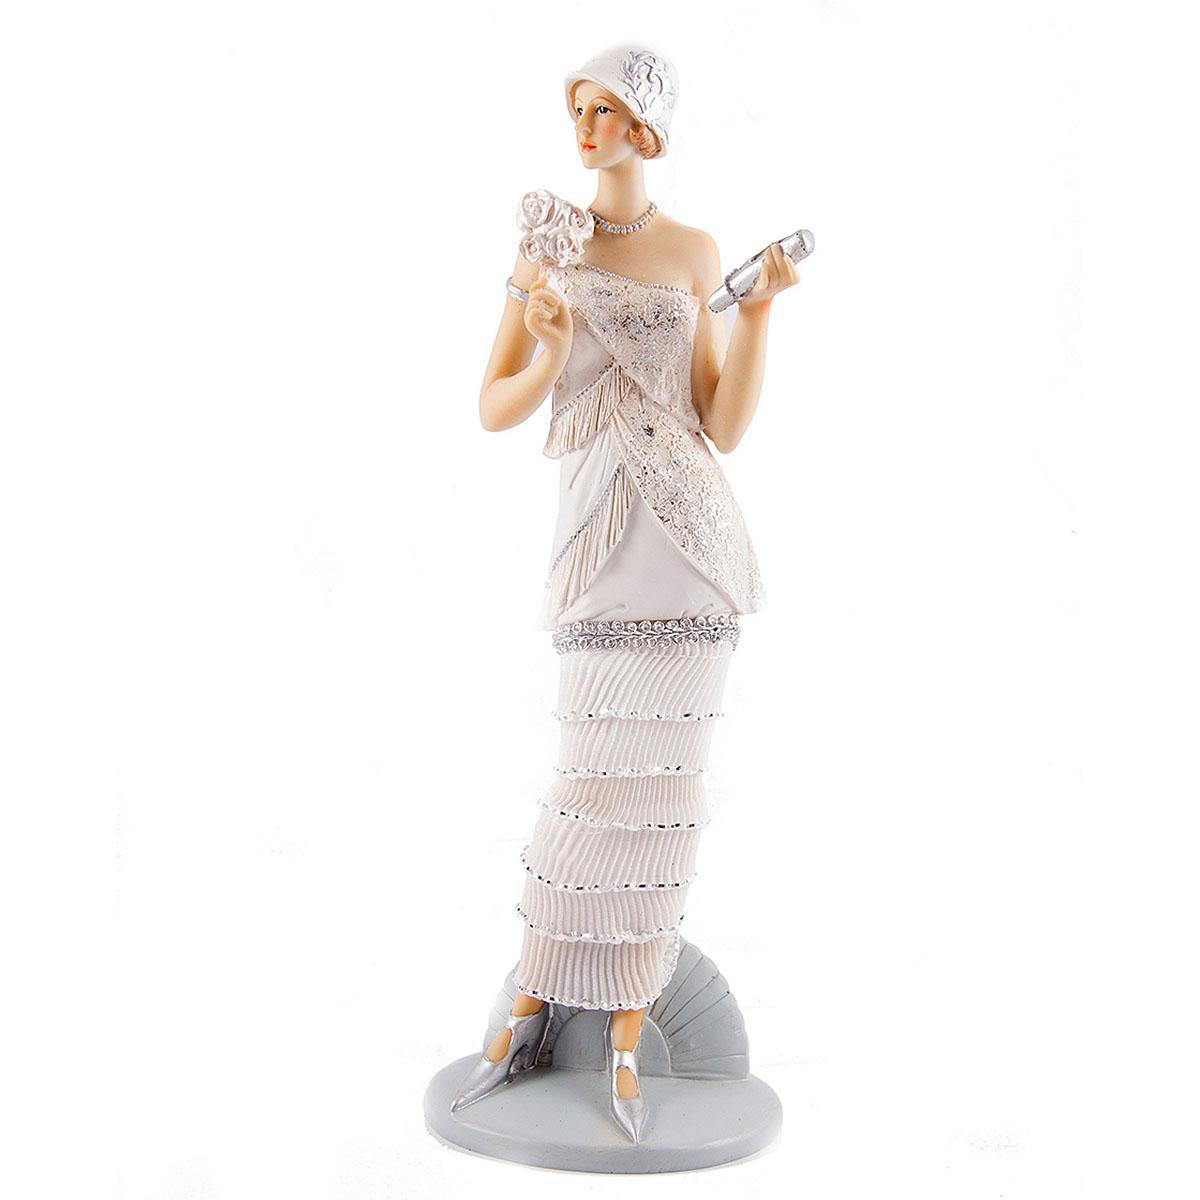 Статуэтка Русские Подарки Мисс Обаяние, 12 х 10 х 34 см27647